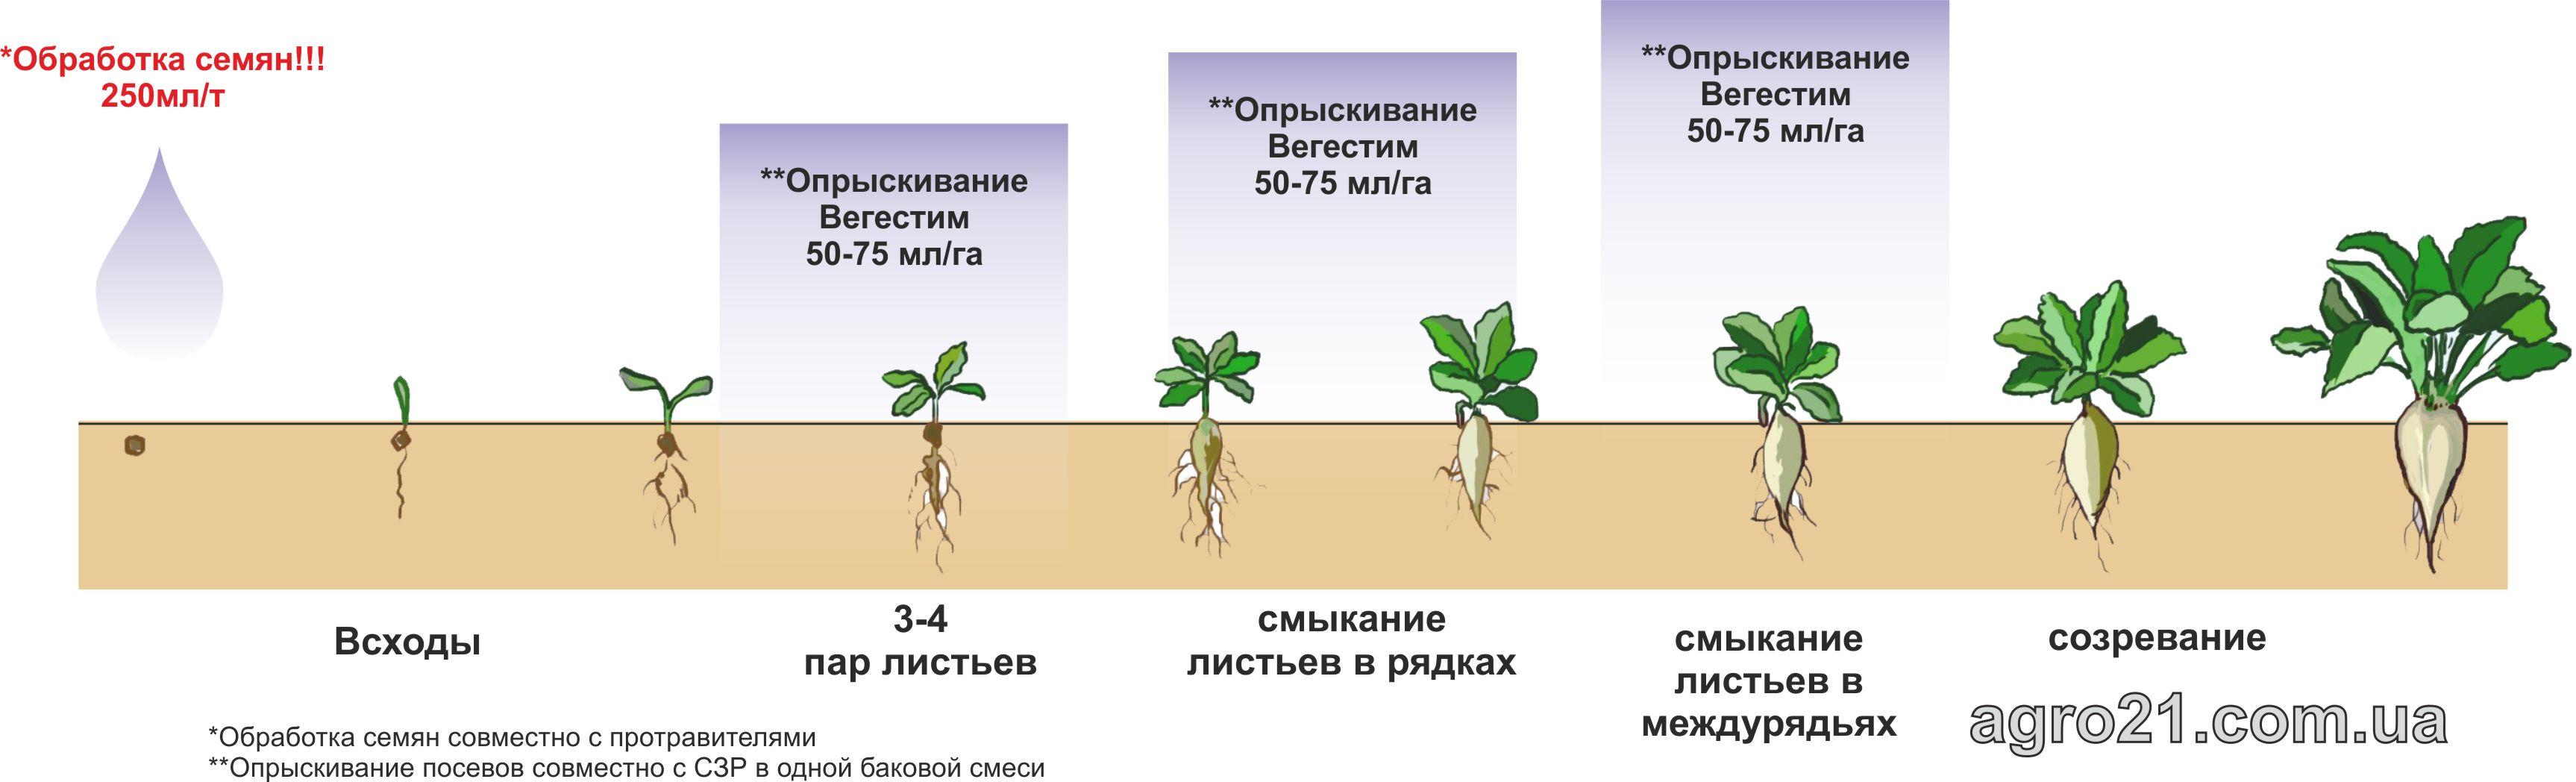 Вегестим. Схема применения стимулятора роста растений на посевах сахарной свеклы